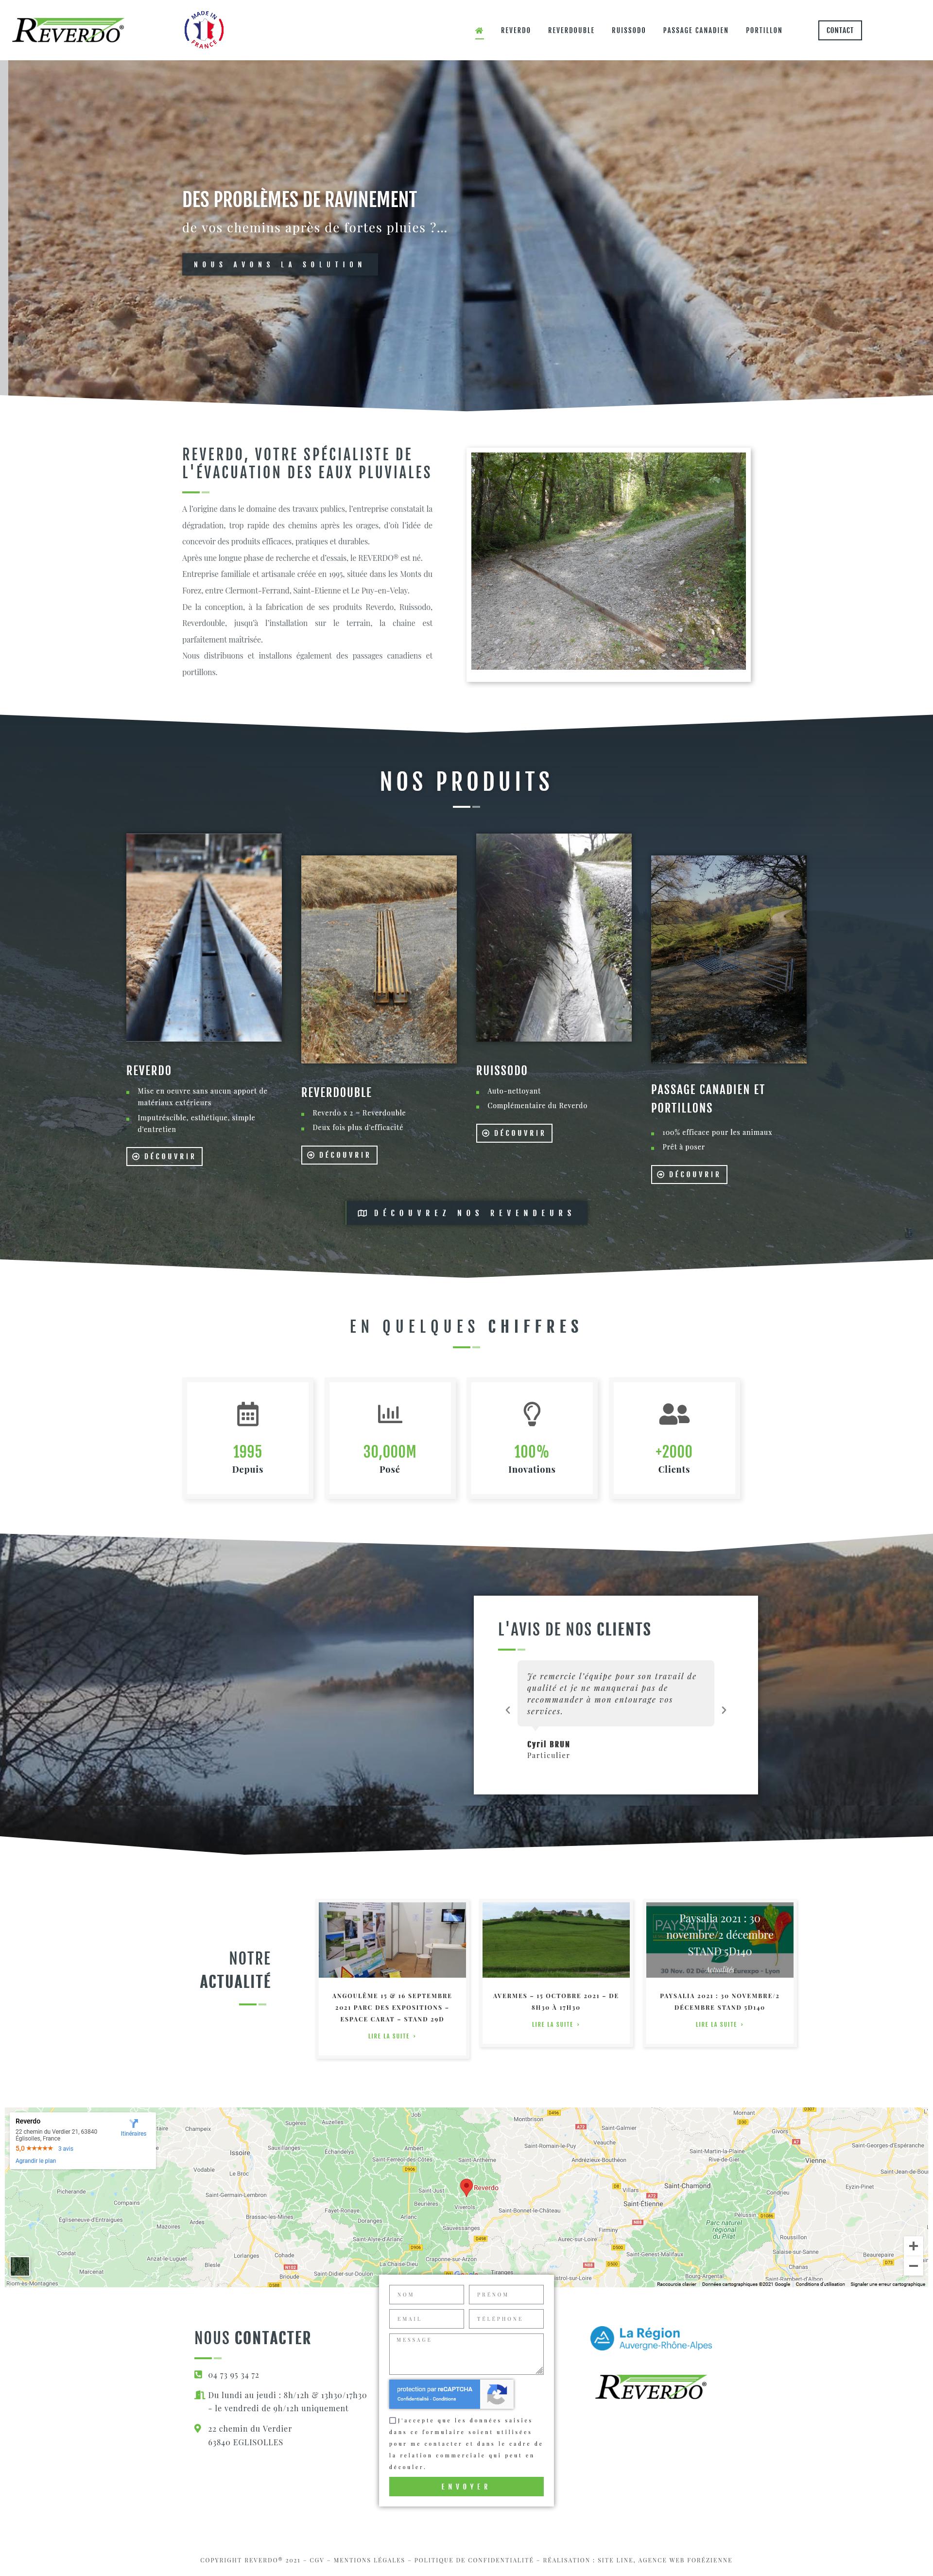 créateur site web BTP Puy-de-Dome - REVERDO